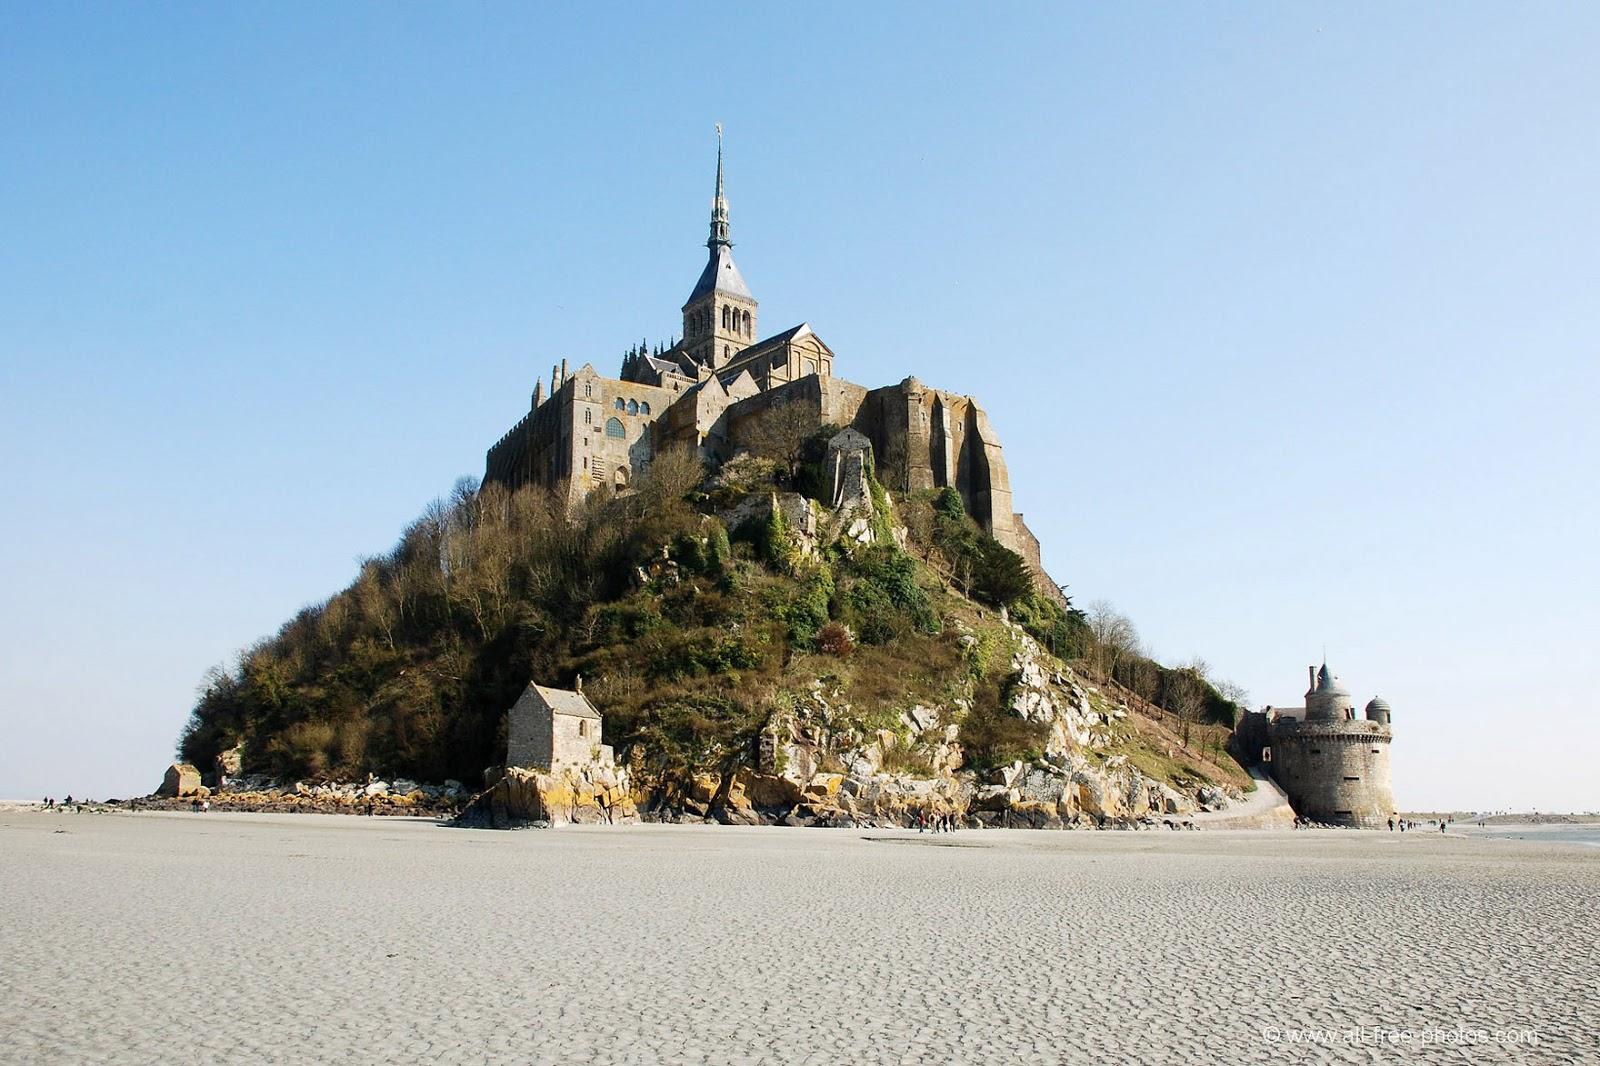 Mount Saint Michelle